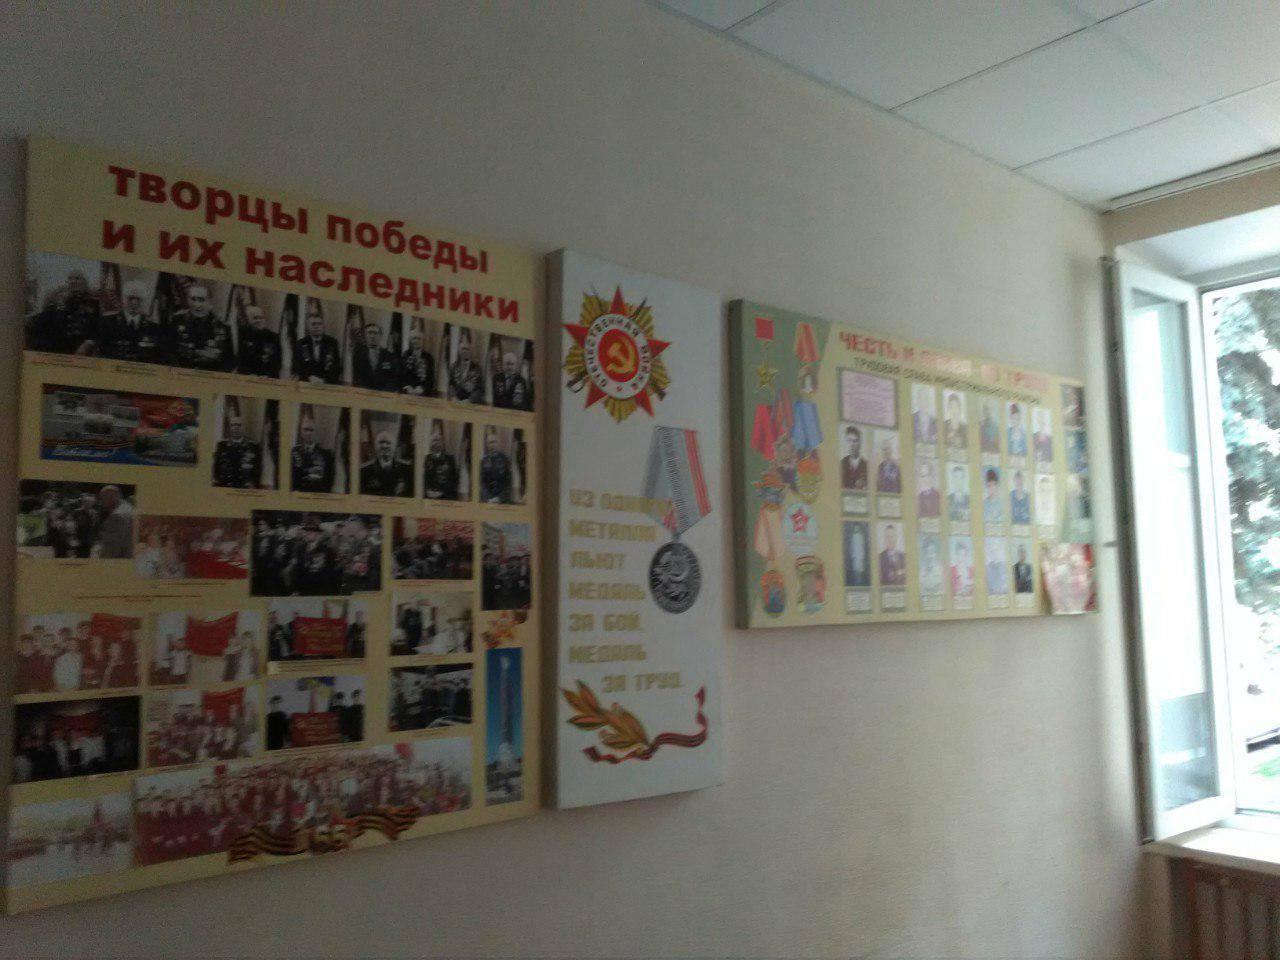 В Днепре на стенах избиркома висит советская символика (фото)